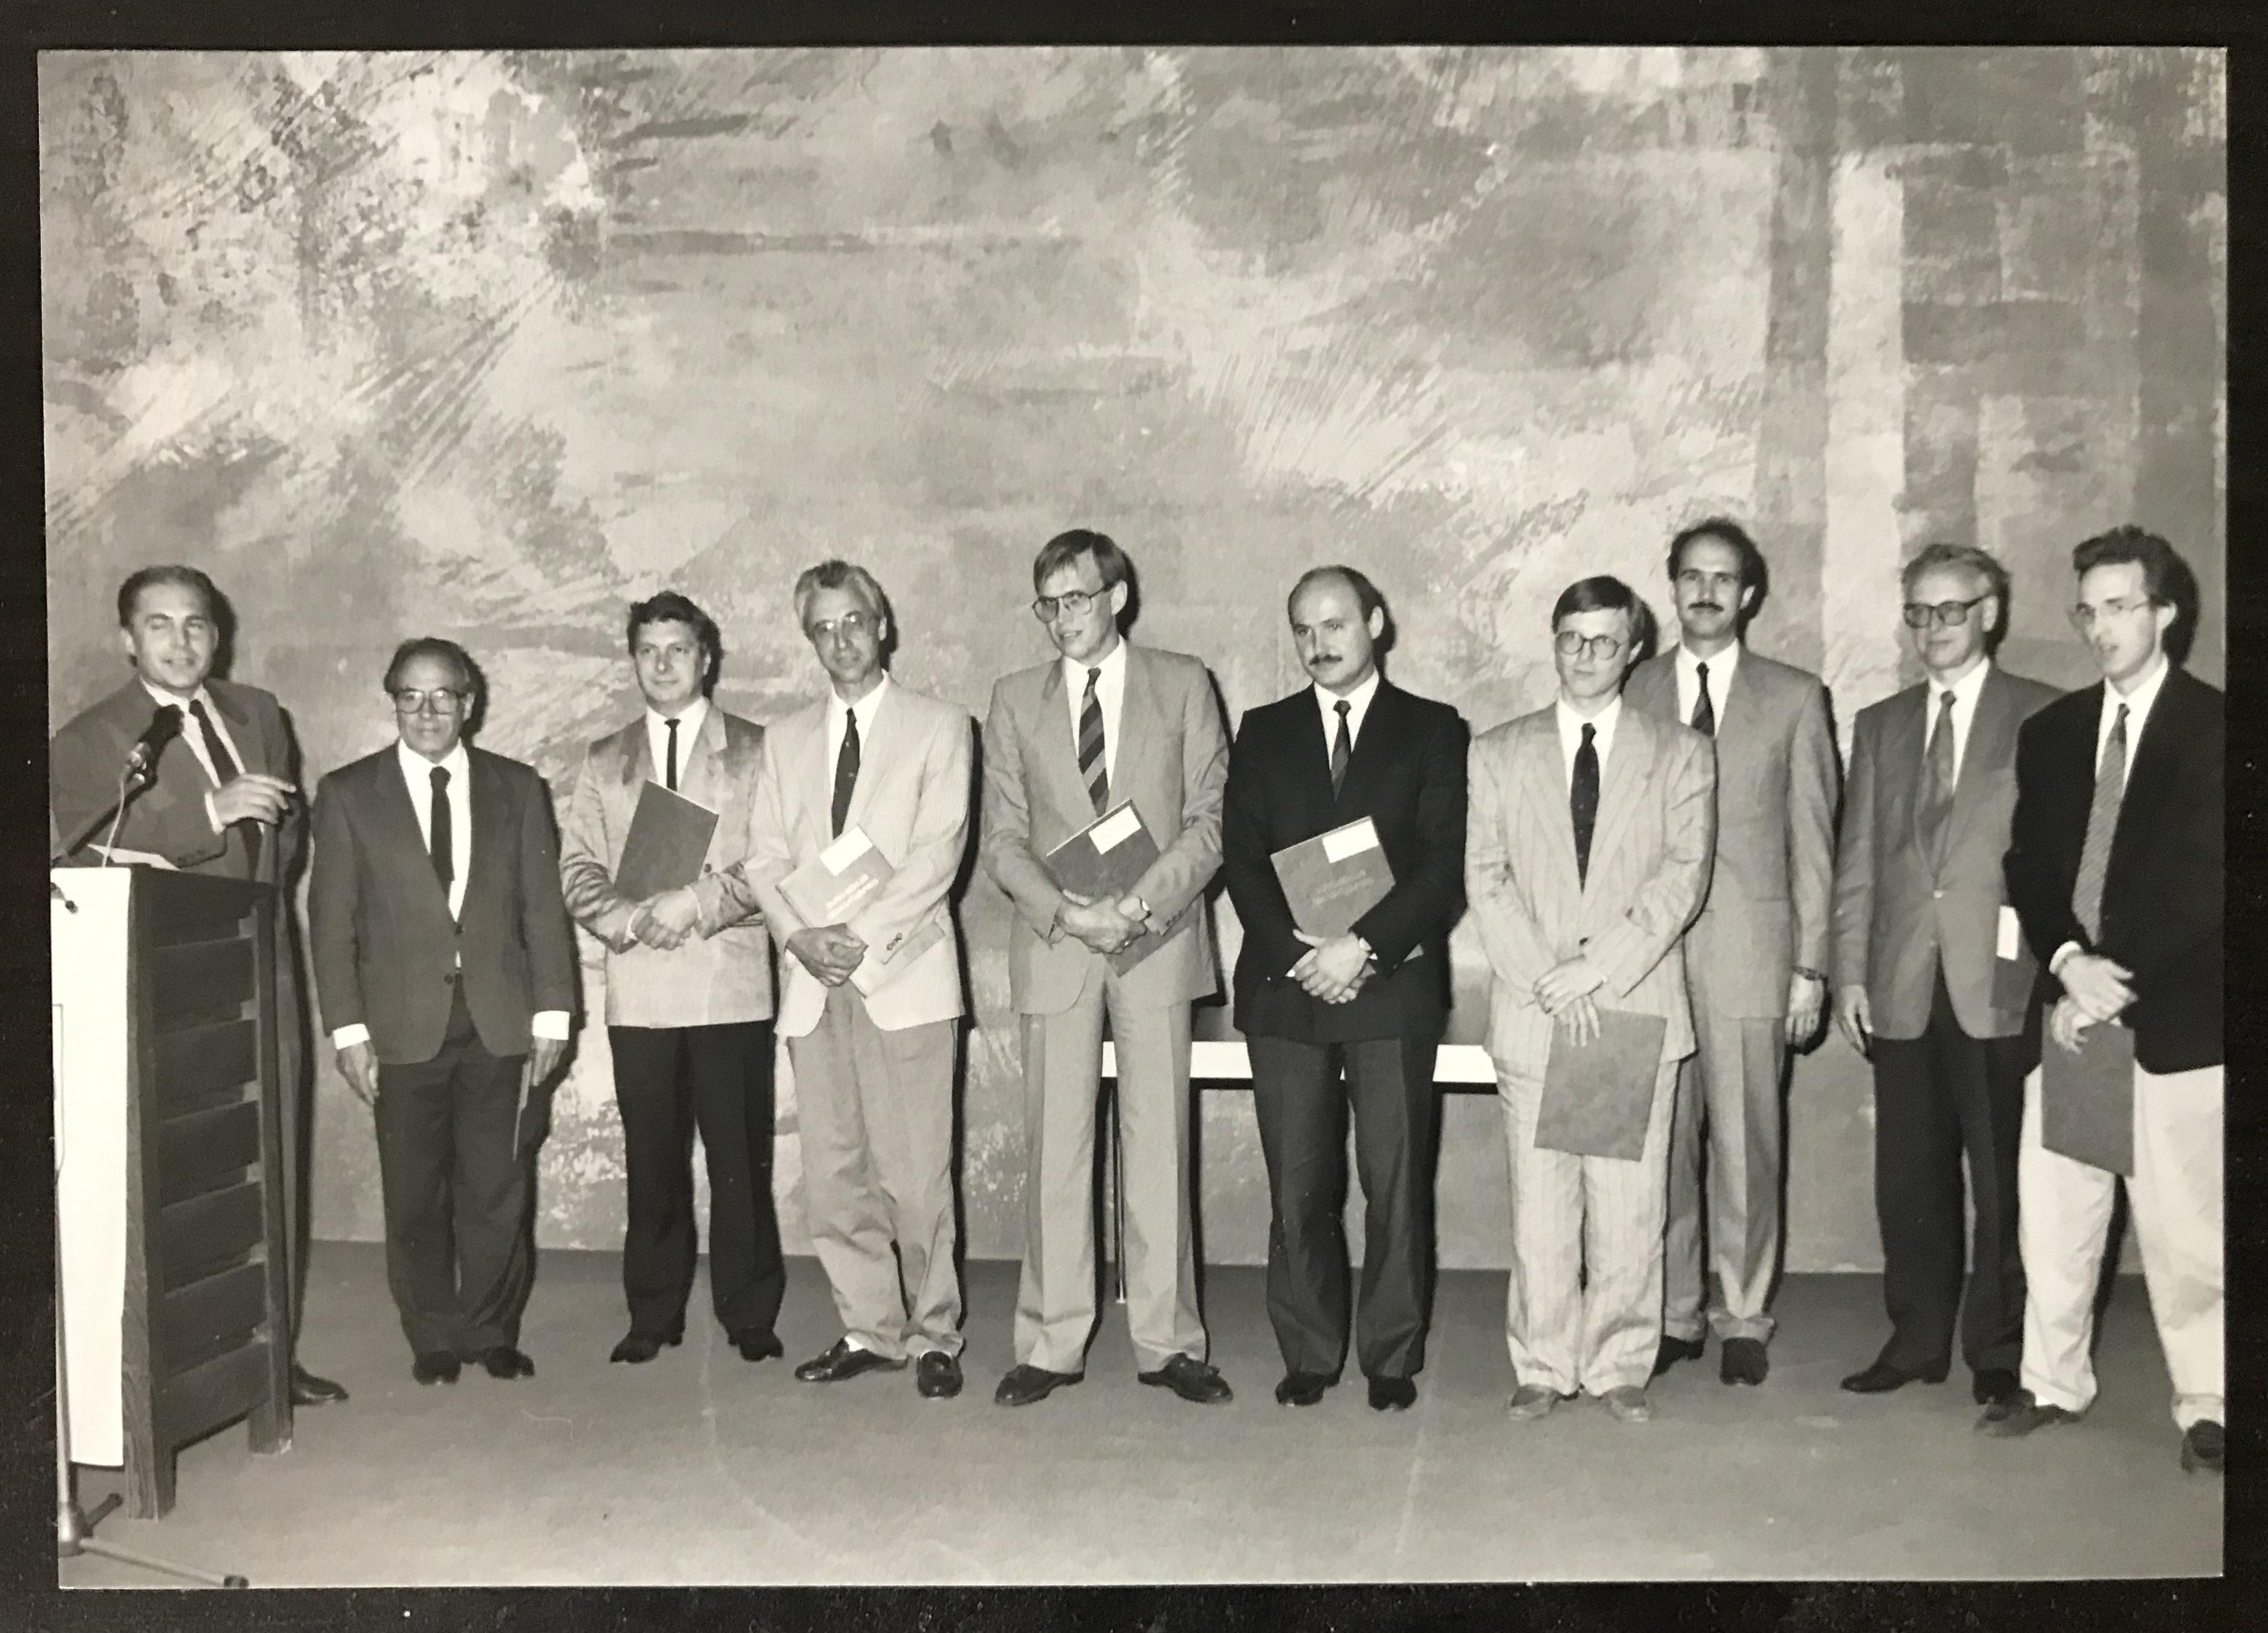 Seit 1976 verleiht die GÄV jährlich den Durig-Böhler-Gedächtnispreis an die beste international publizierte medizinische Forschungsarbeit aus Vorarlberg.